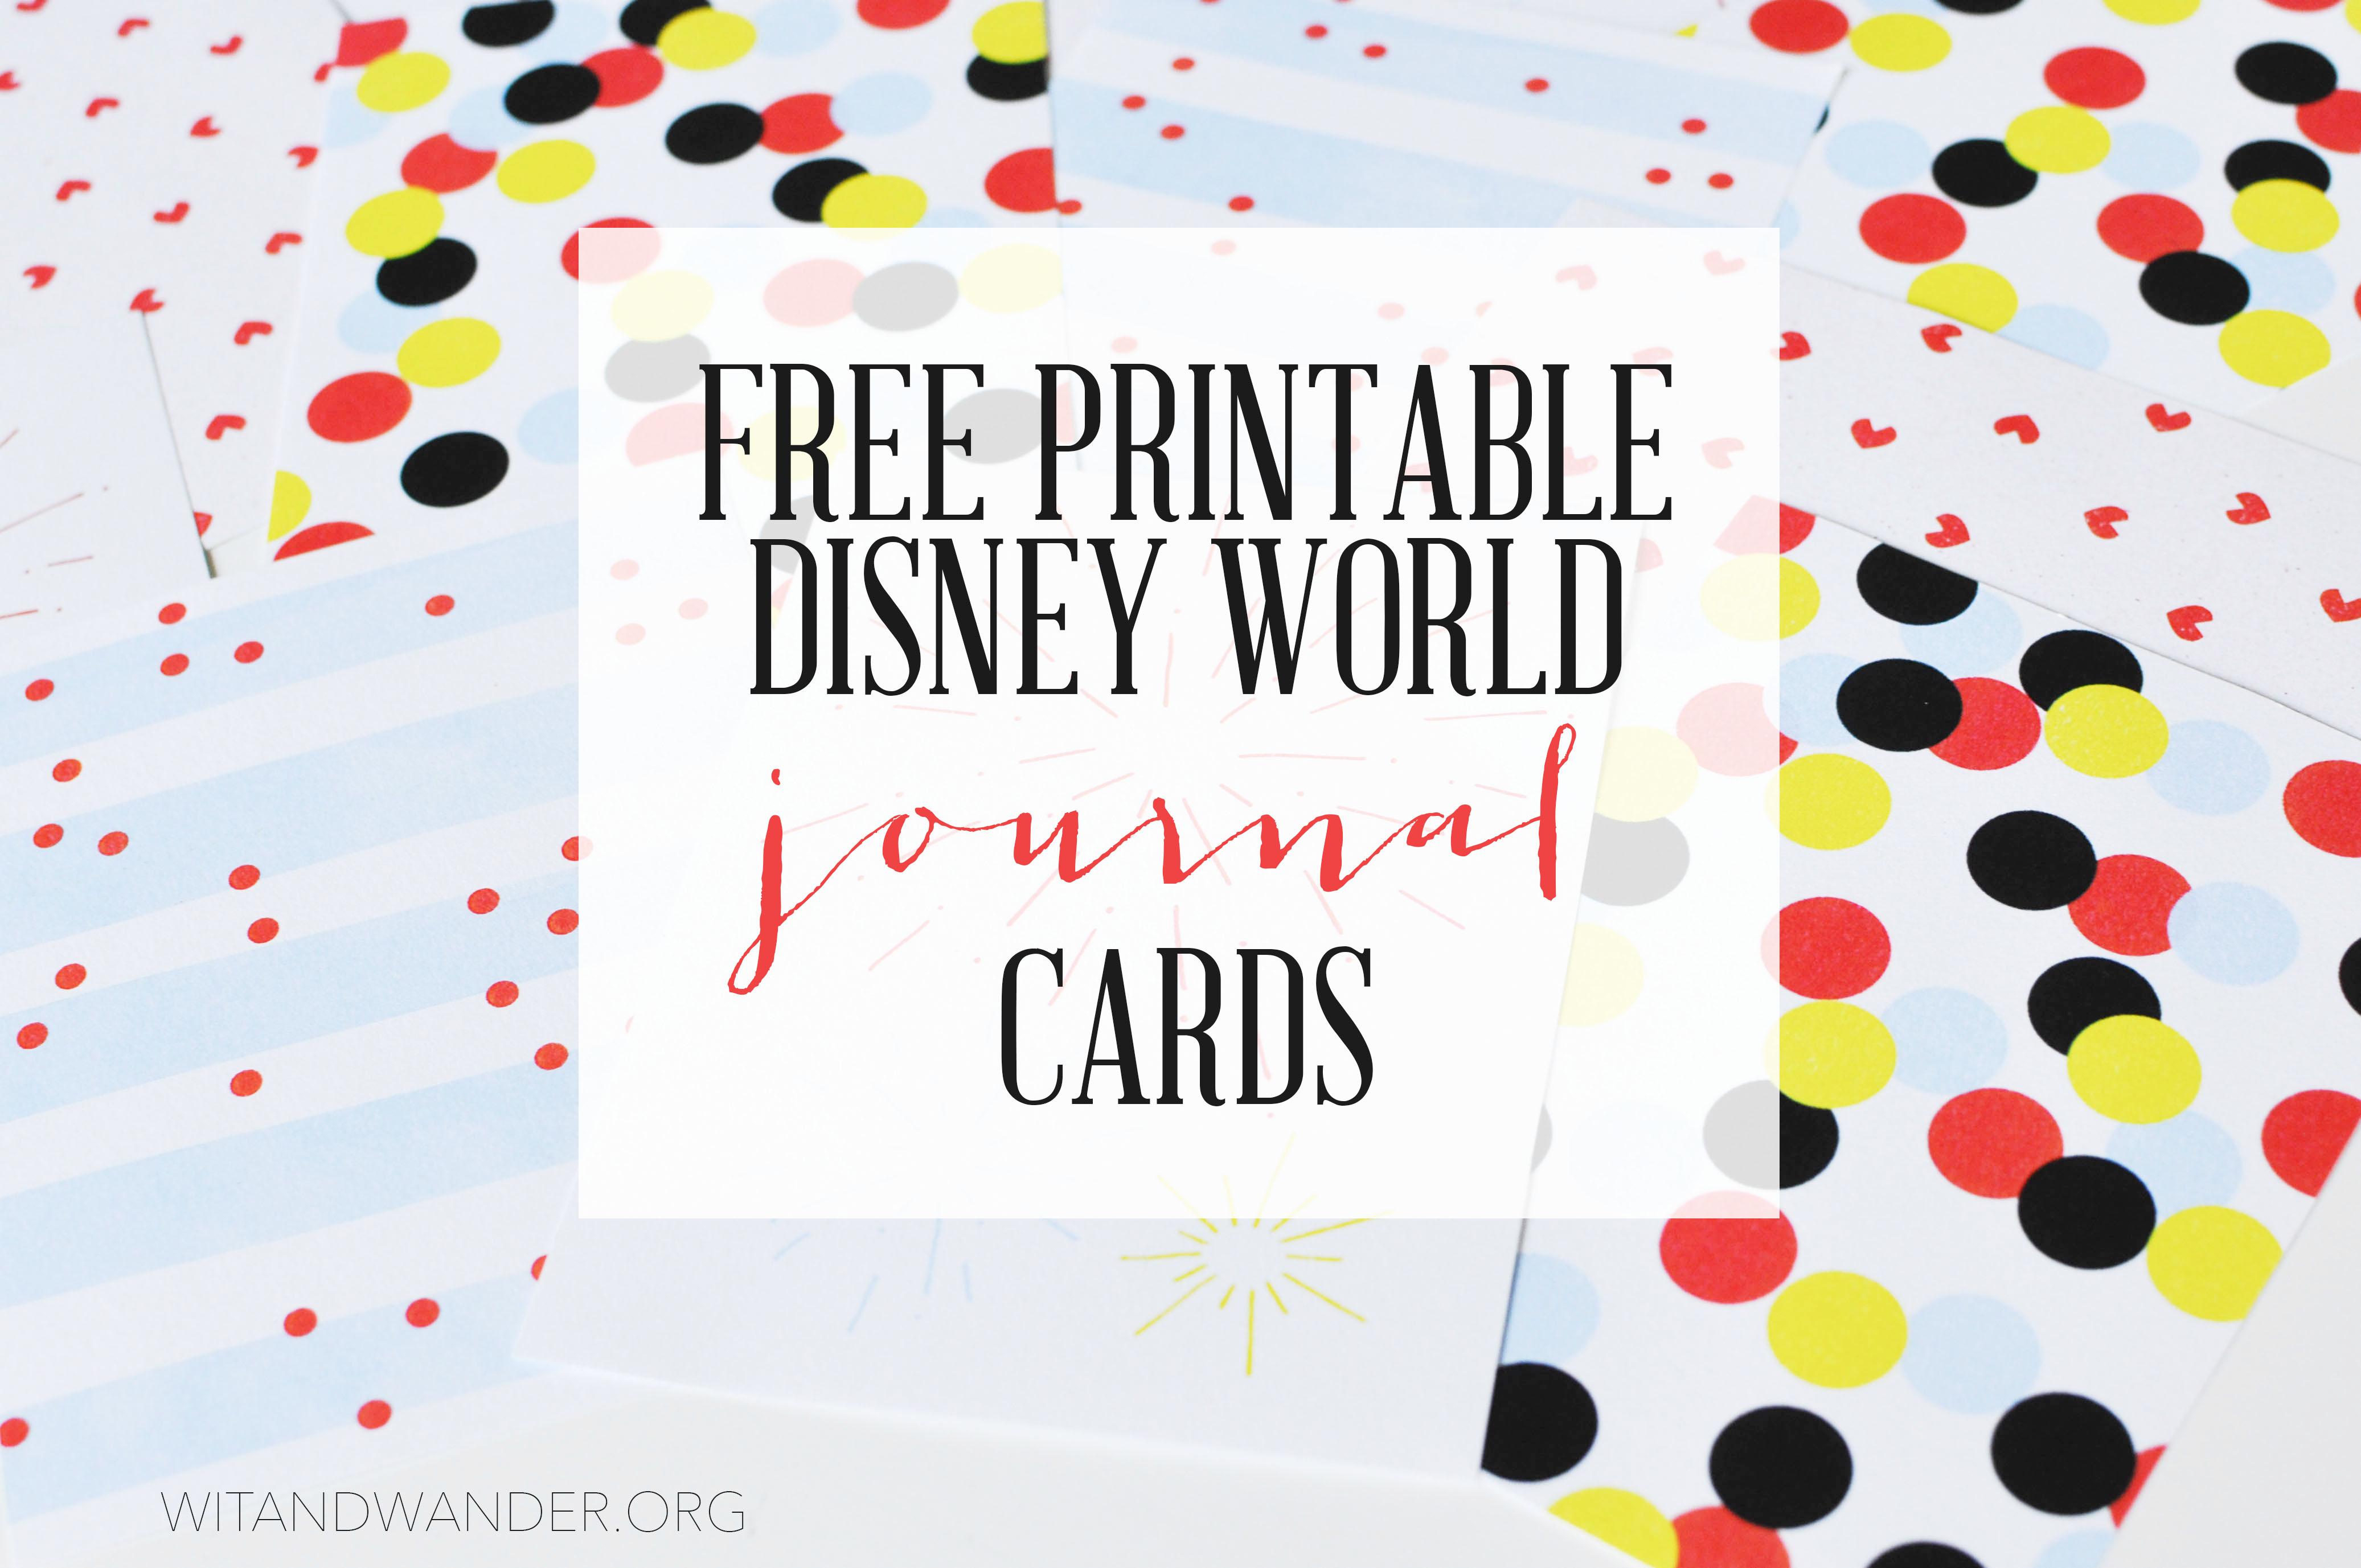 image regarding Free Printable Journal Cards titled Disney International